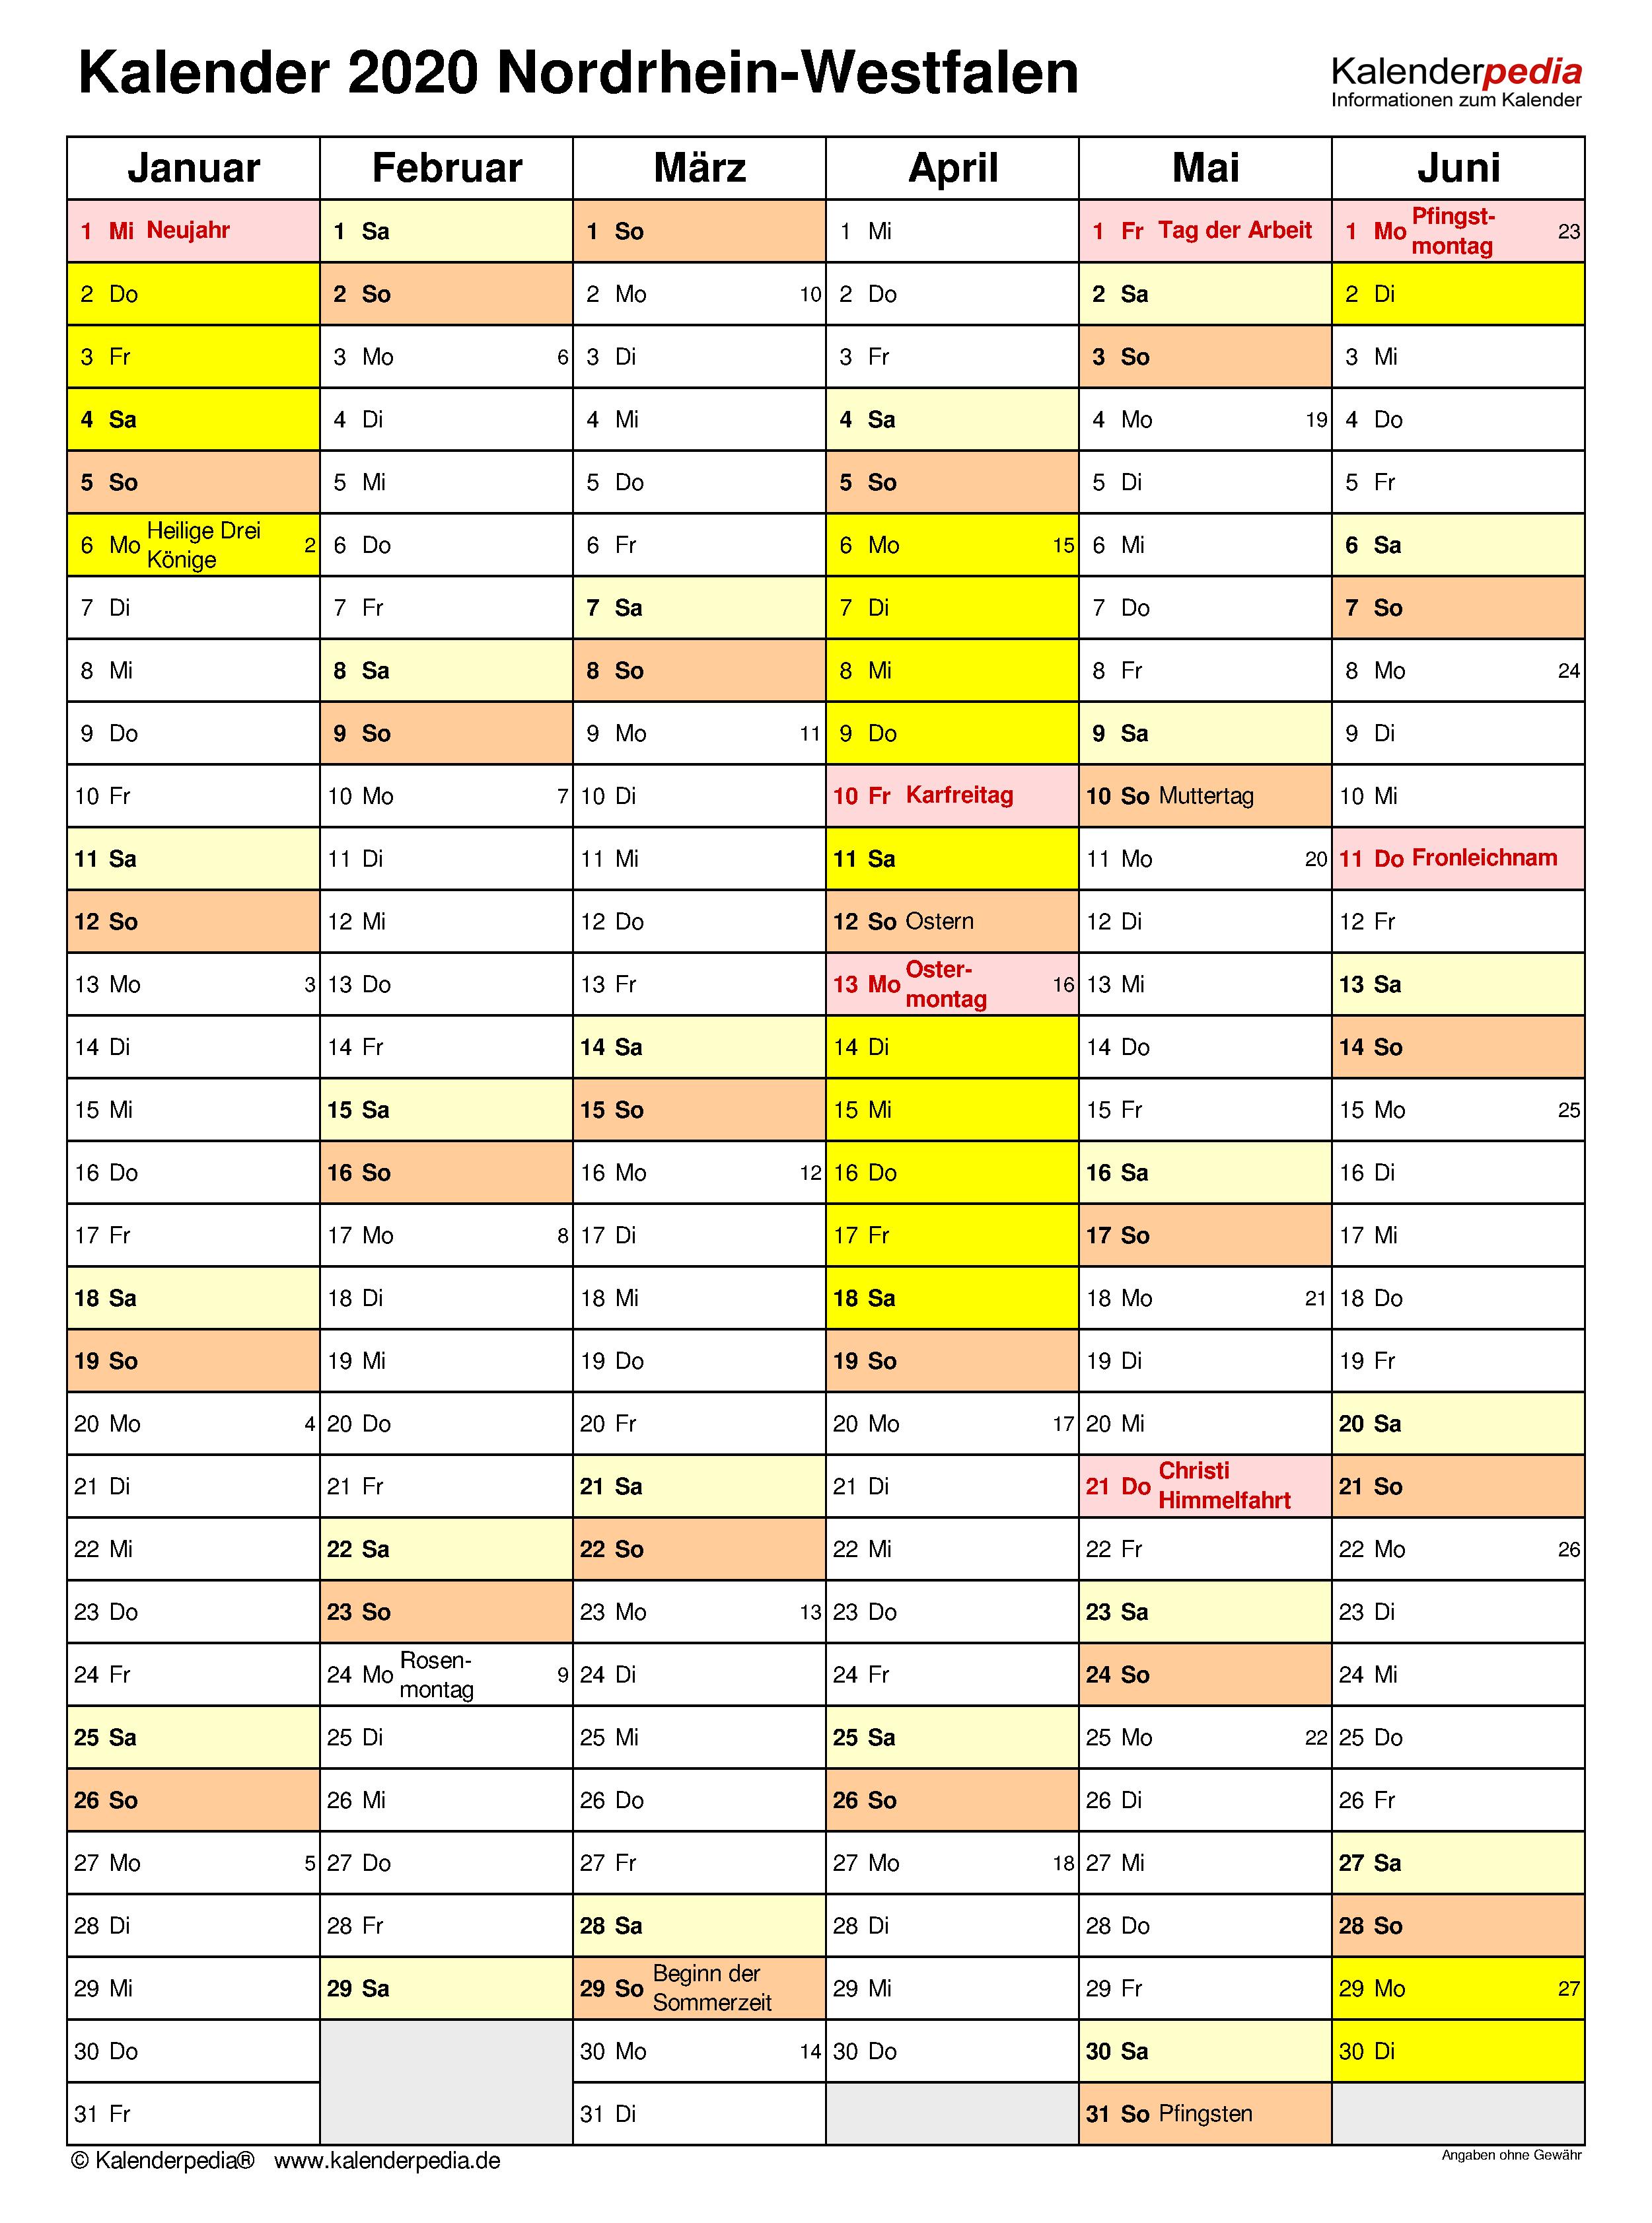 kalender zum ausdrucken 2020 nrw